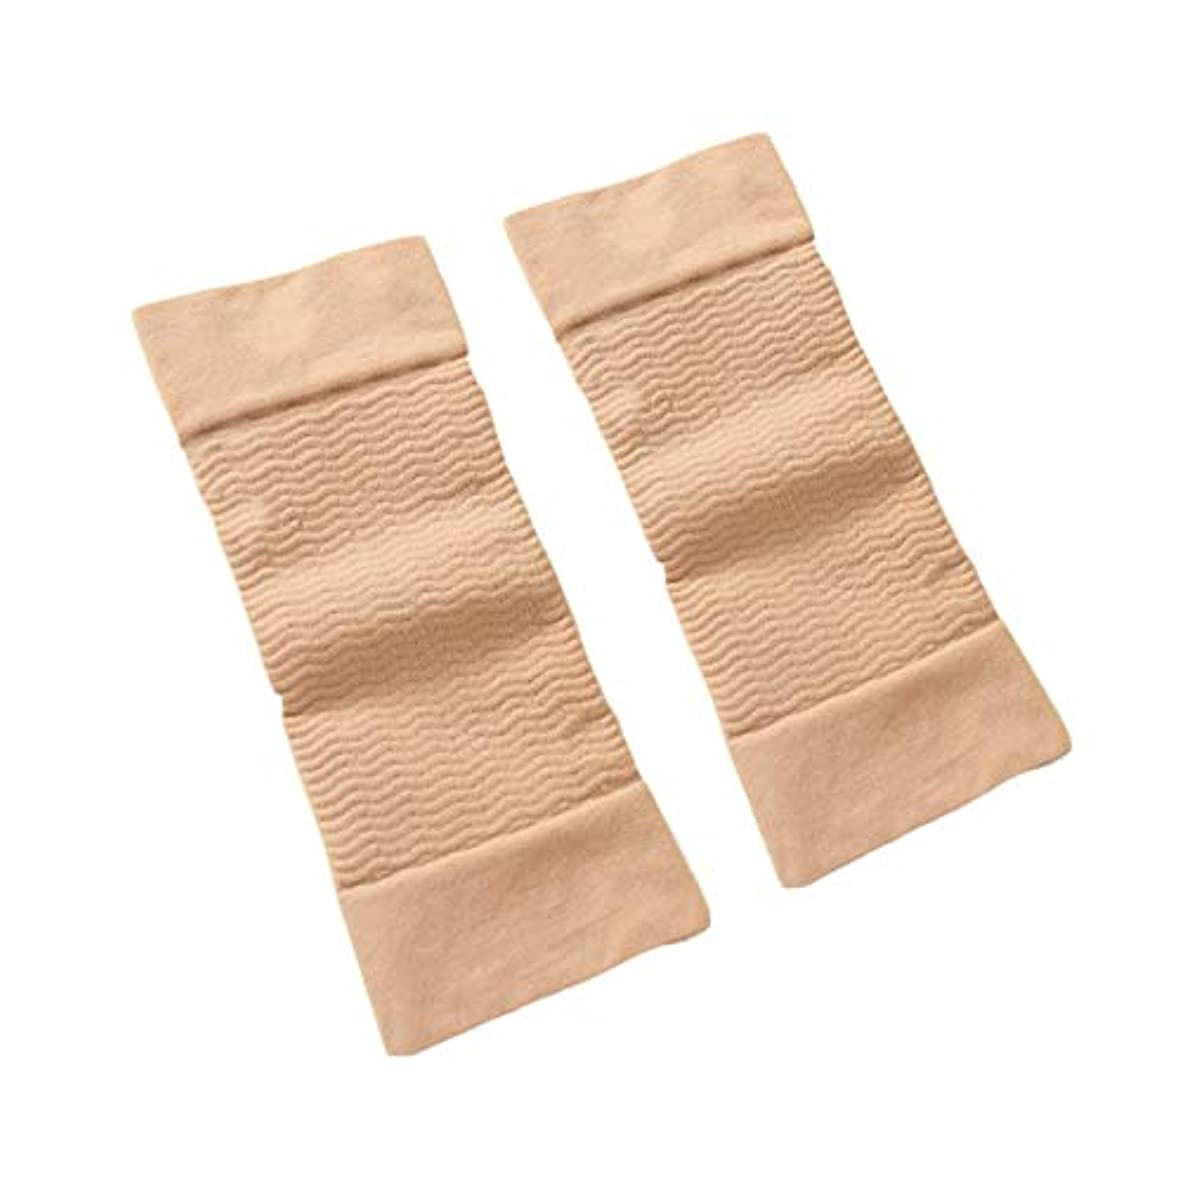 続編機転発表する1ペア420 D圧縮痩身アームスリーブワークアウトトーニングバーンセルライトシェイパー脂肪燃焼袖用女性 - 肌色